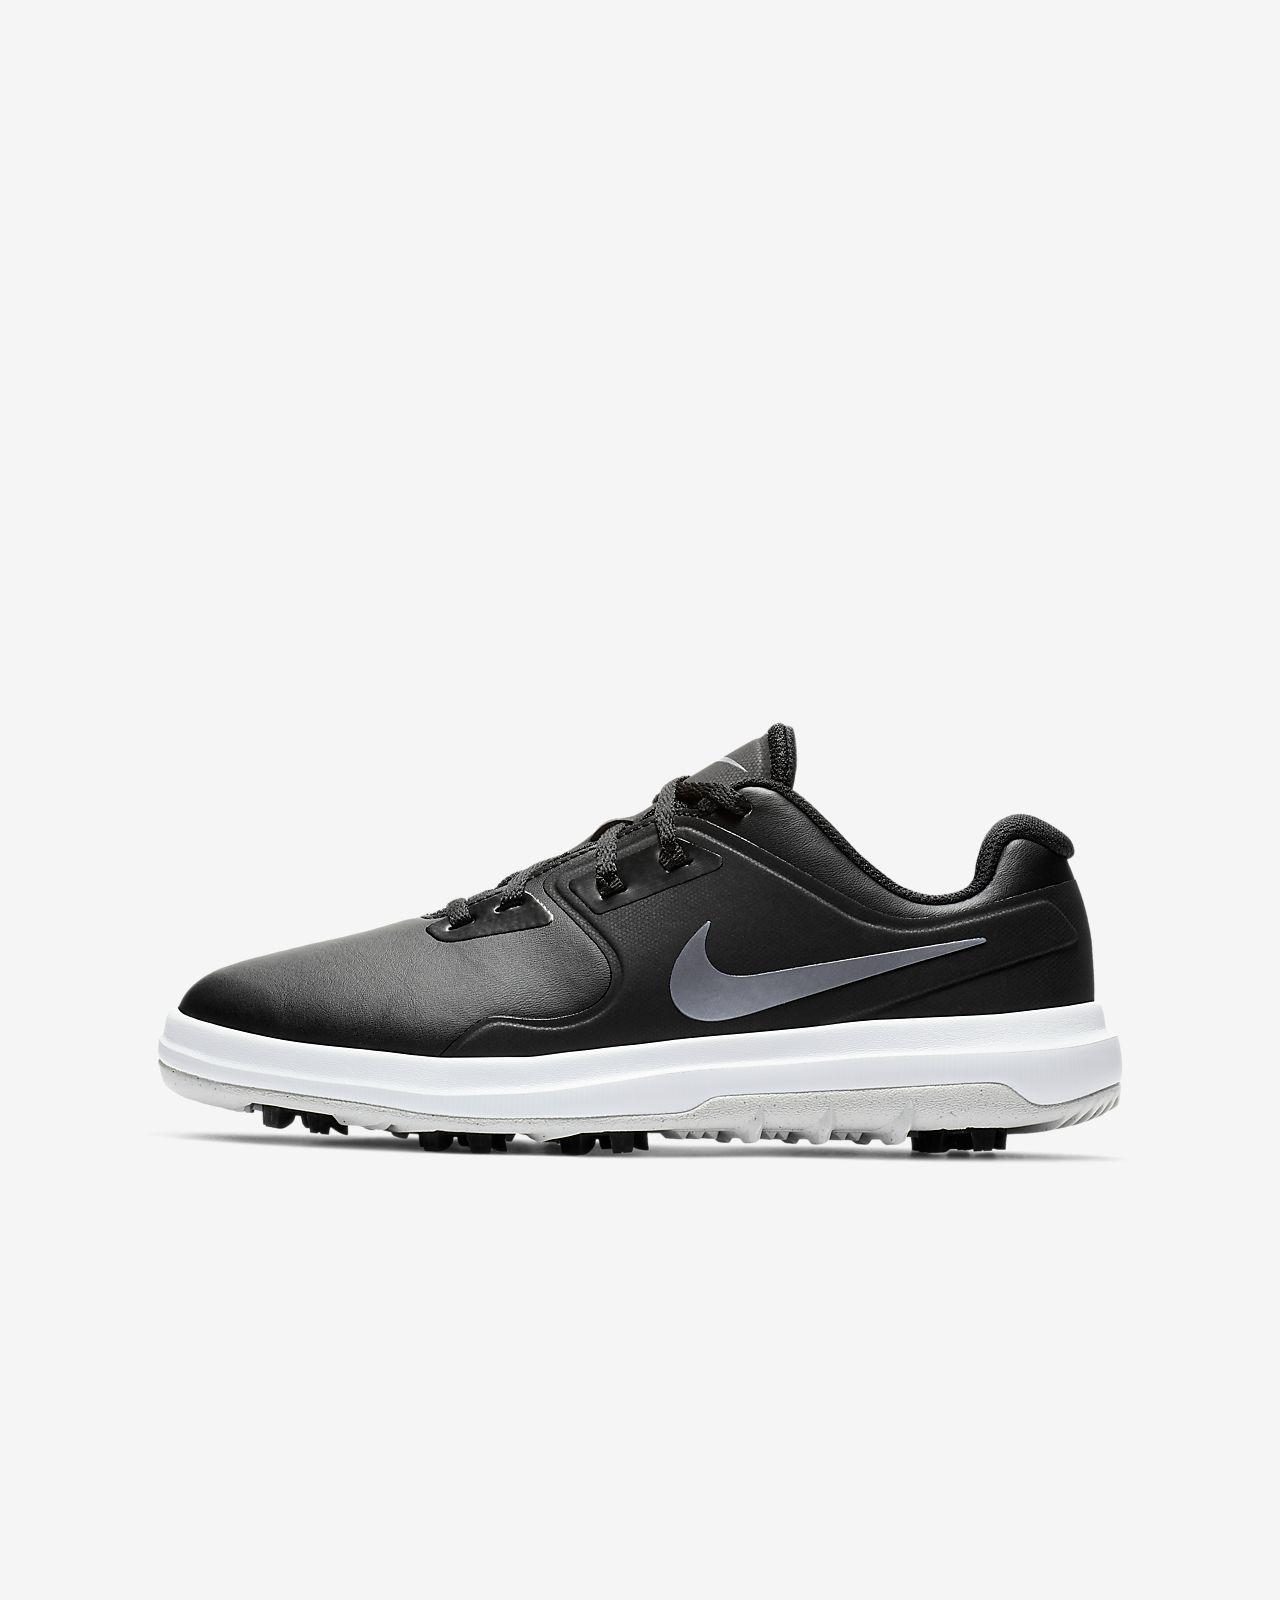 Chaussure de golf Nike Vapor Pro Jr. pour Jeune enfant/Enfant plus âgé